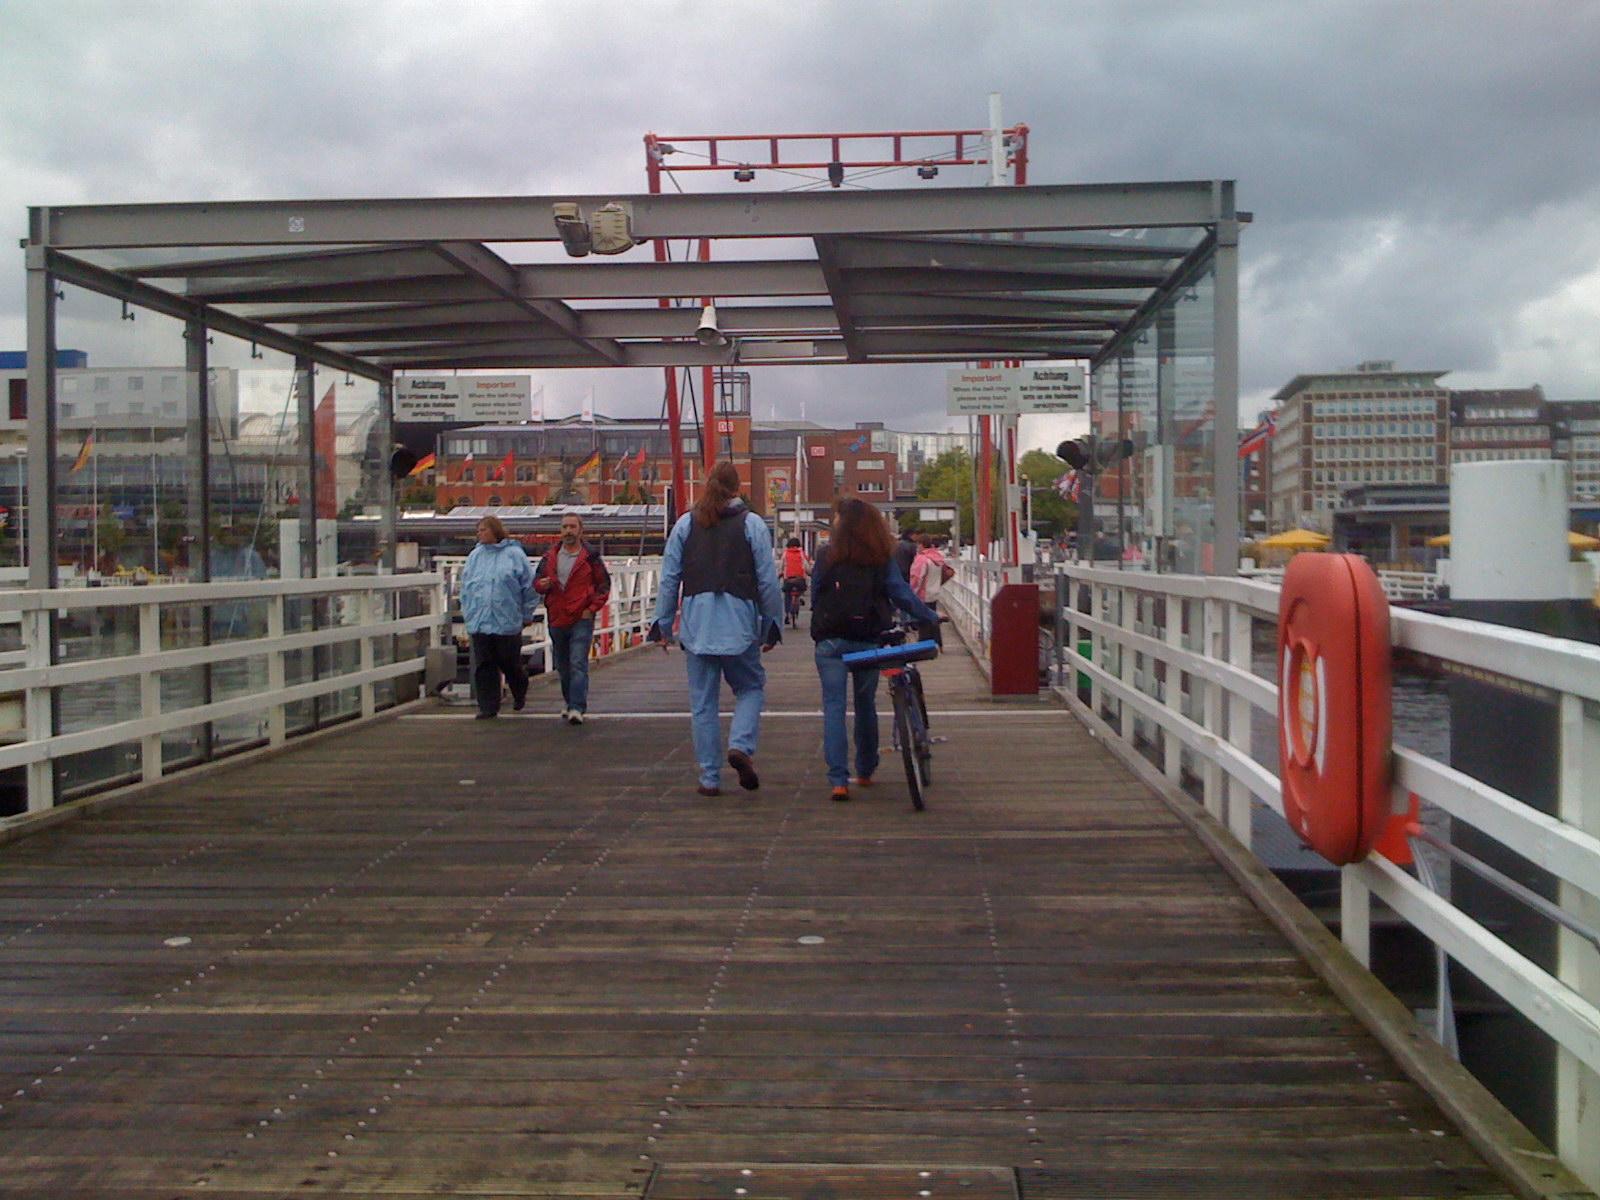 Kiel bridge